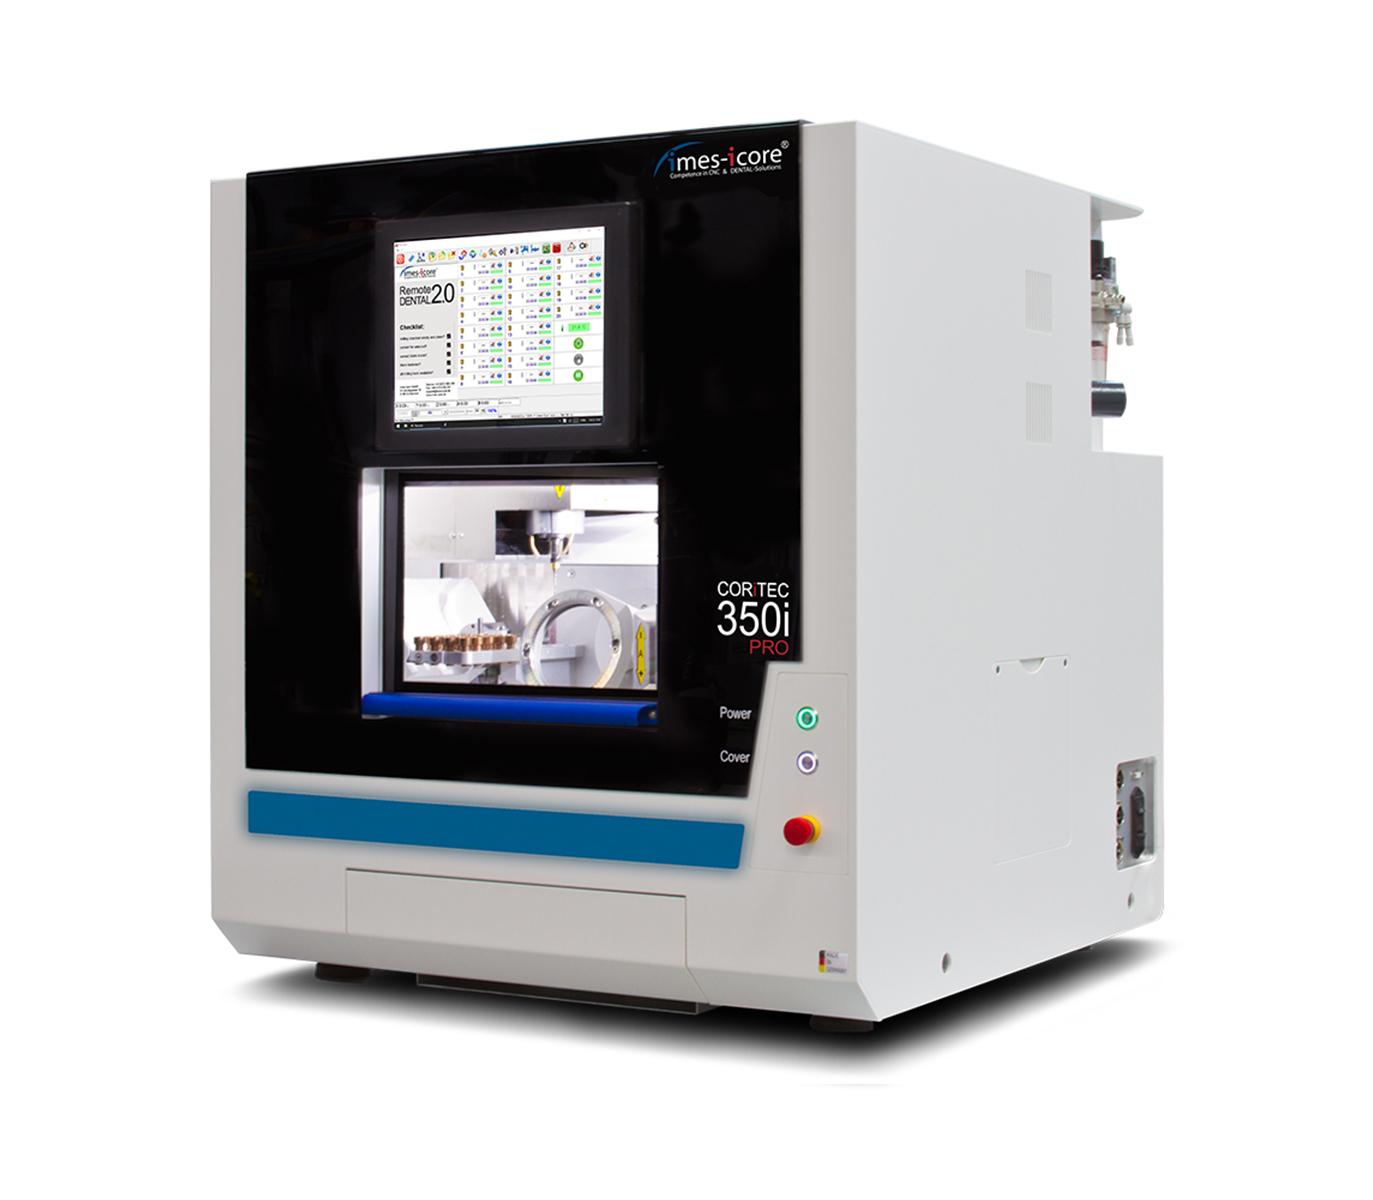 Fresadora CAD CAM / para laboratorio dental / 5 ejes CORiTEC 350i PRO / Todo en uno